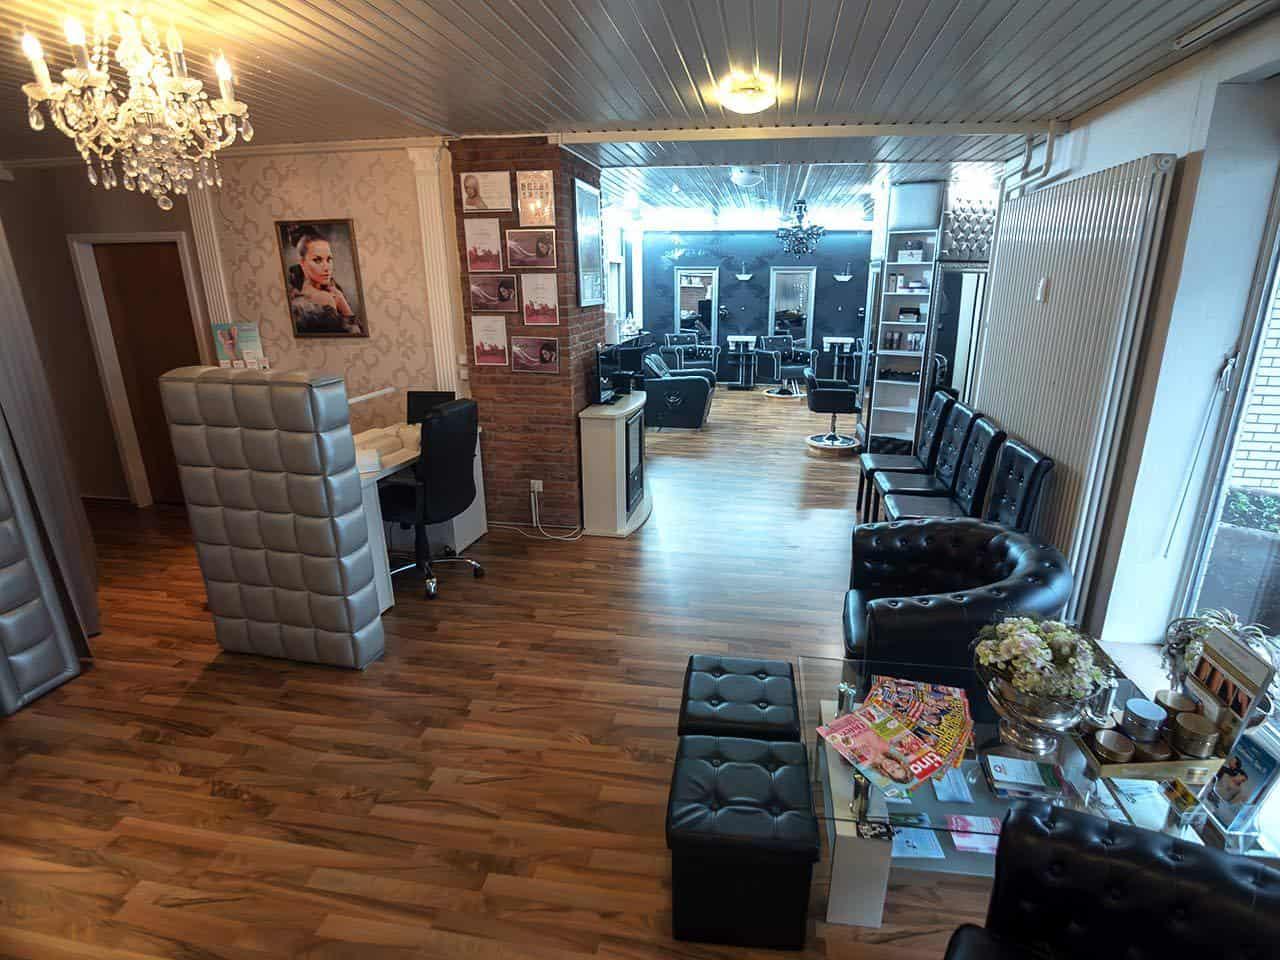 Haarstudio Barock Salon Eingang